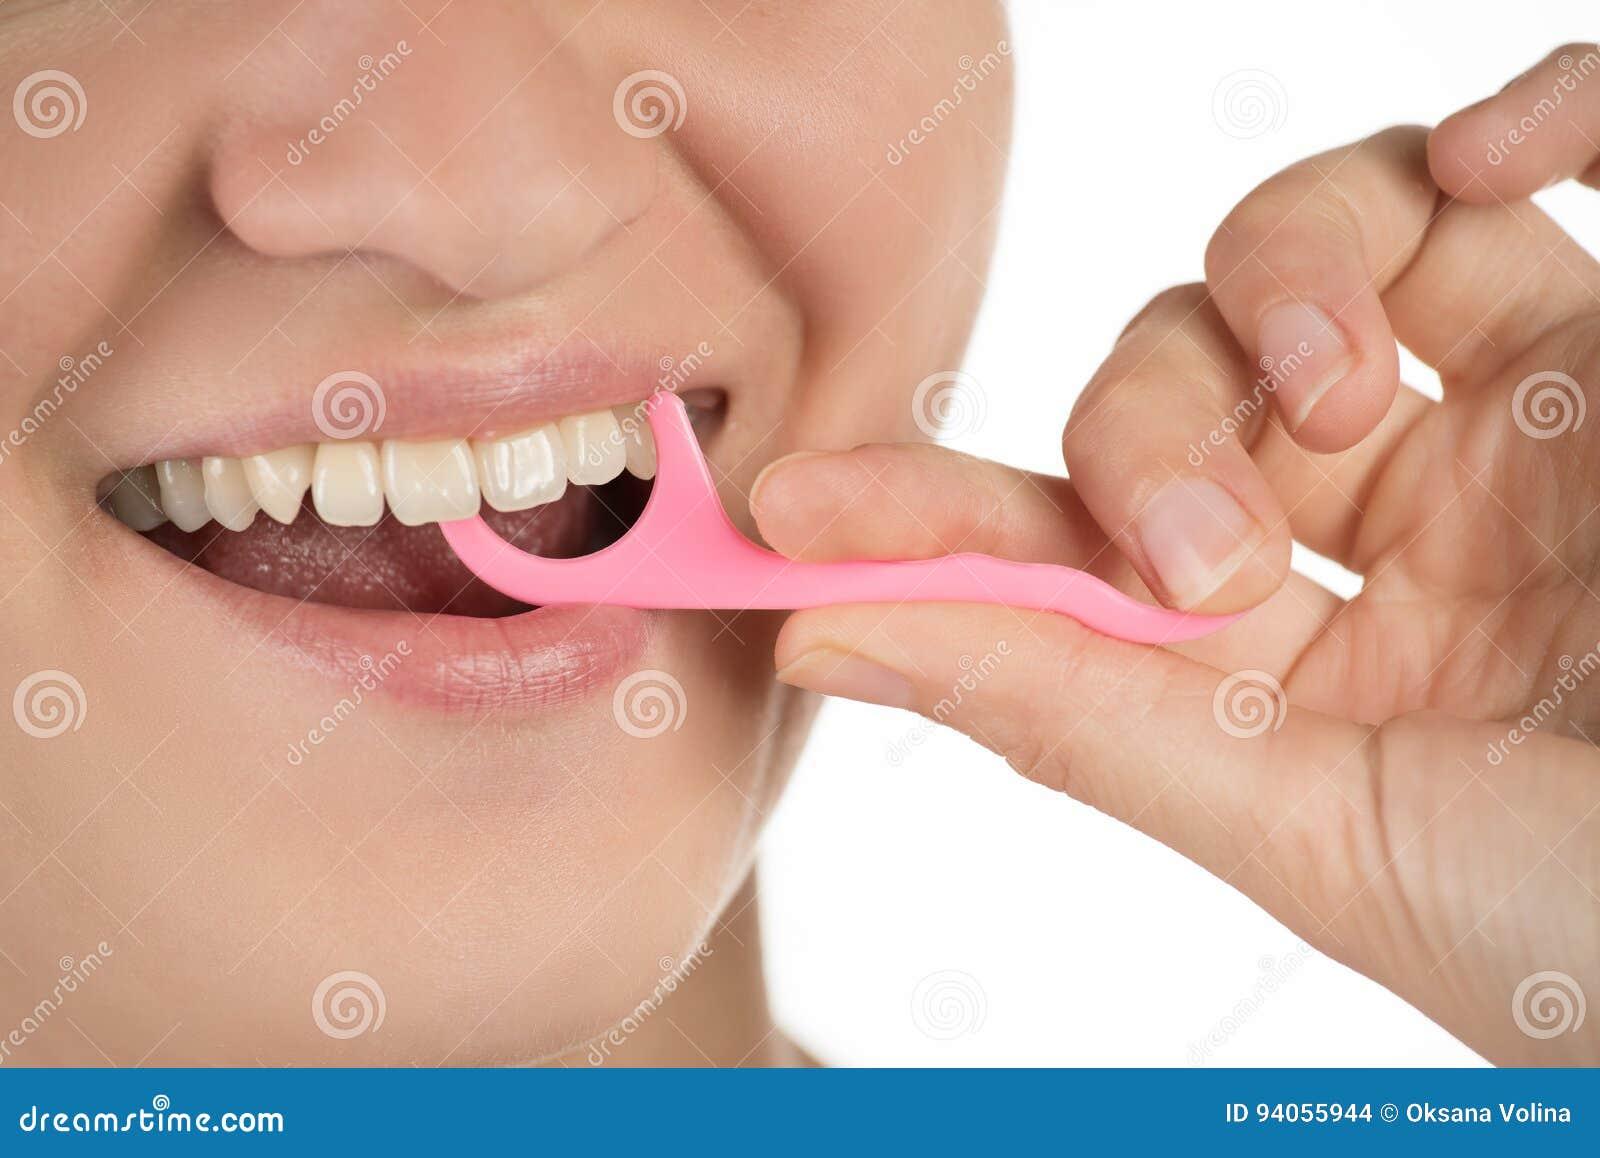 Higiena oralny zagłębienie Młoda dziewczyna czyści zęby z floss,